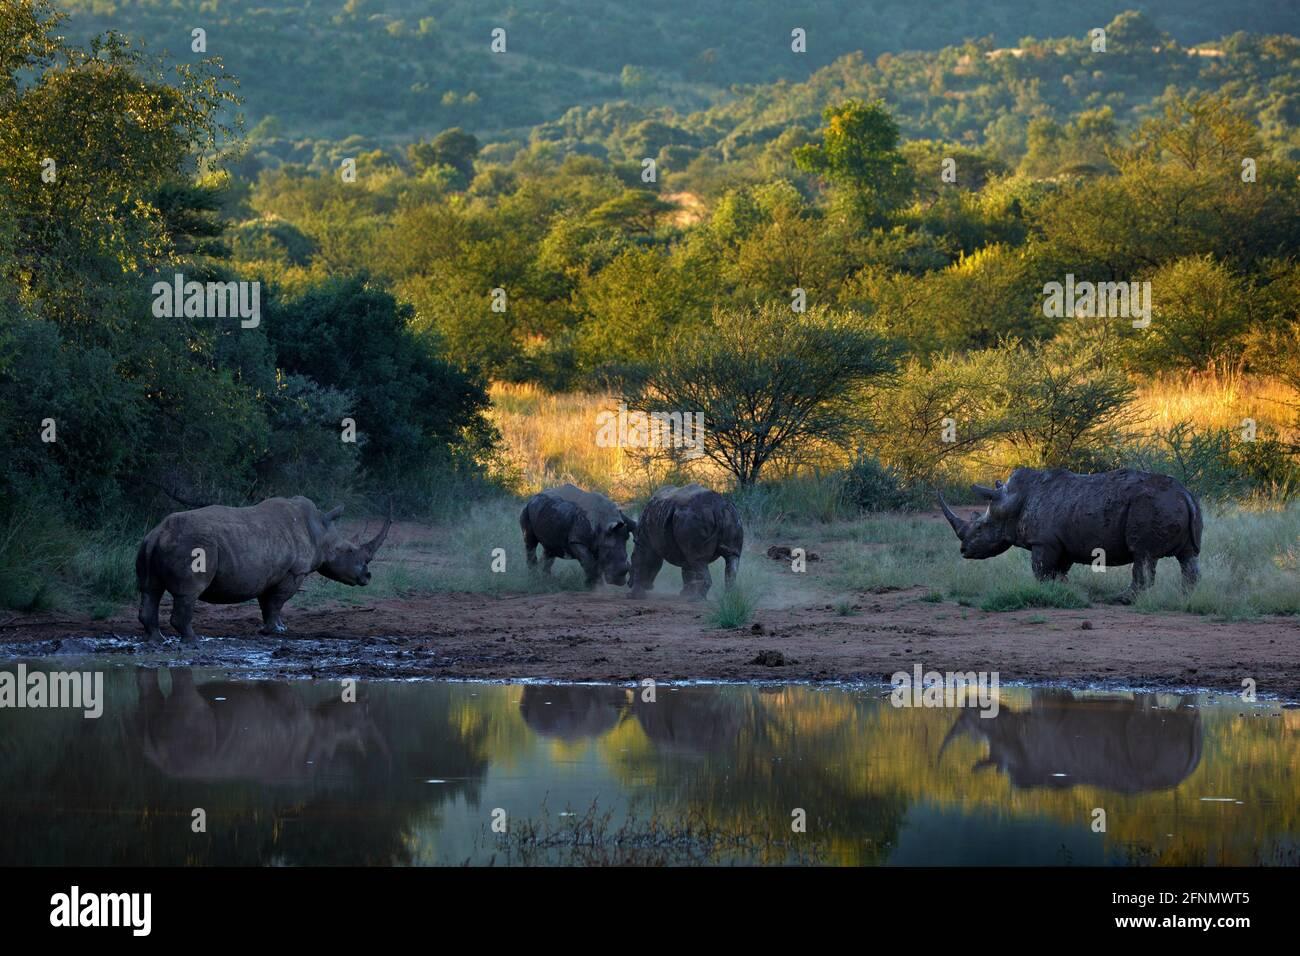 Rinoceronte nel Parco Nazionale di Pilanesberg, Sudafrica. Rinoceronte bianco, Ceratotherium simum, grande animale nella natura africana, vicino all'acqua. Scena faunistica fr Foto Stock